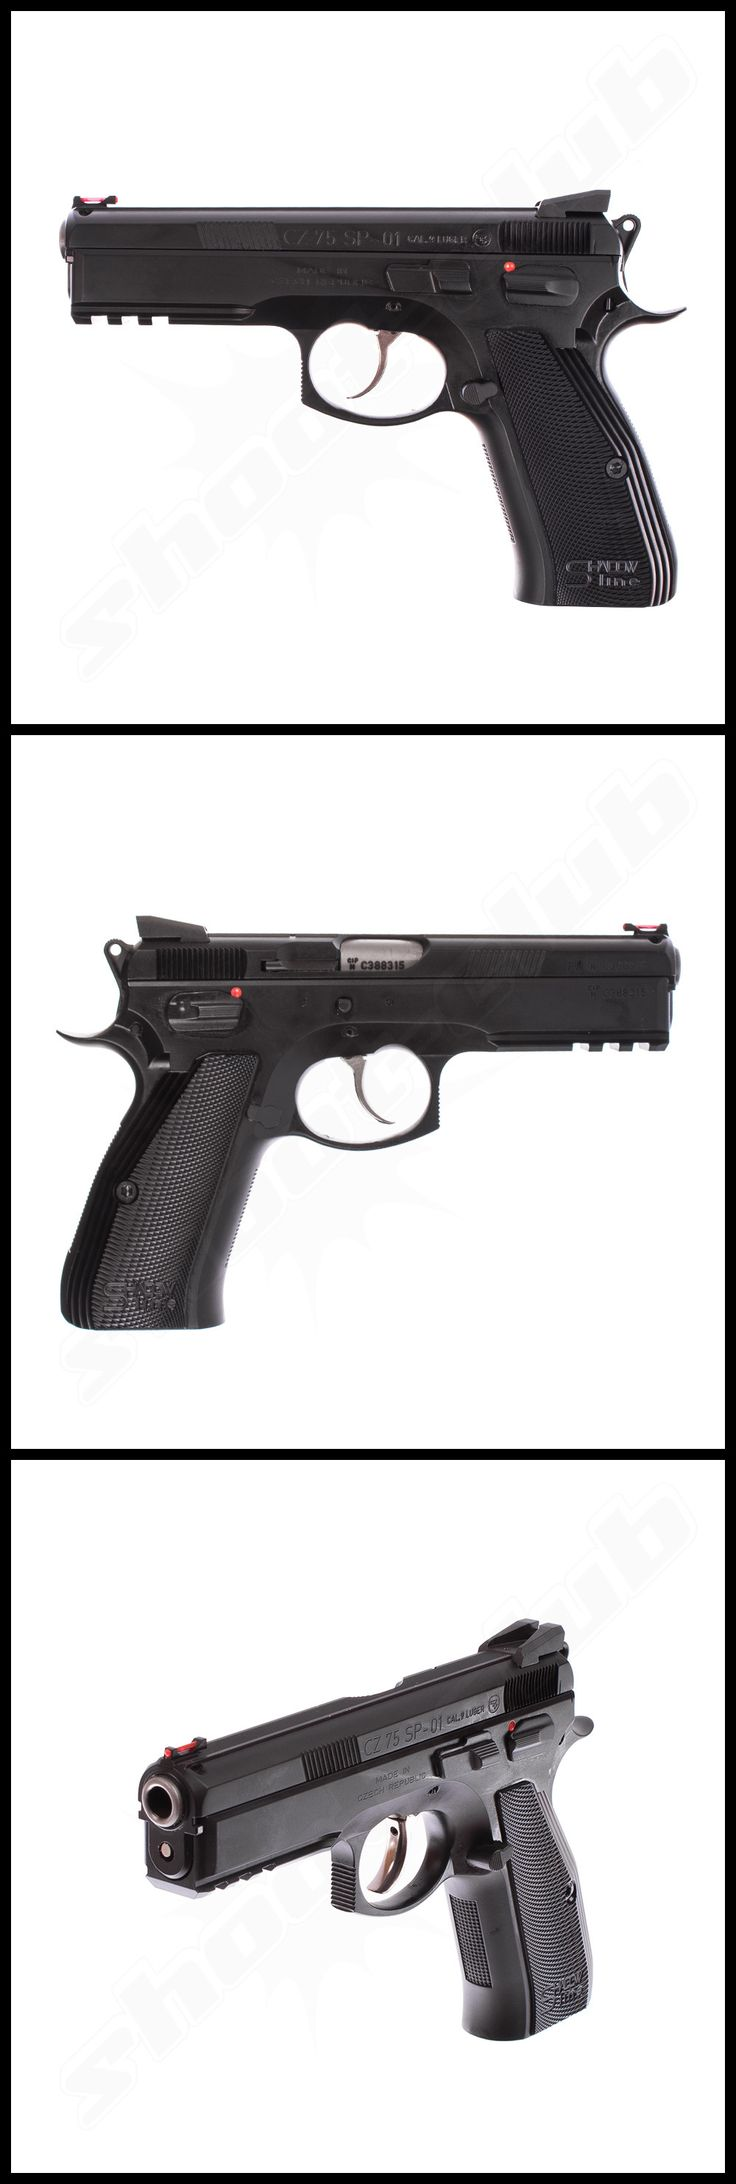 CZ 75 SP-01 Shadow Line, Pistole Kal. 9mm Luger    - weitere Informationen und Produkte findet Ihr auf www.shoot-club.de -    #shootclub #pistol #pistole #guns  #9mm